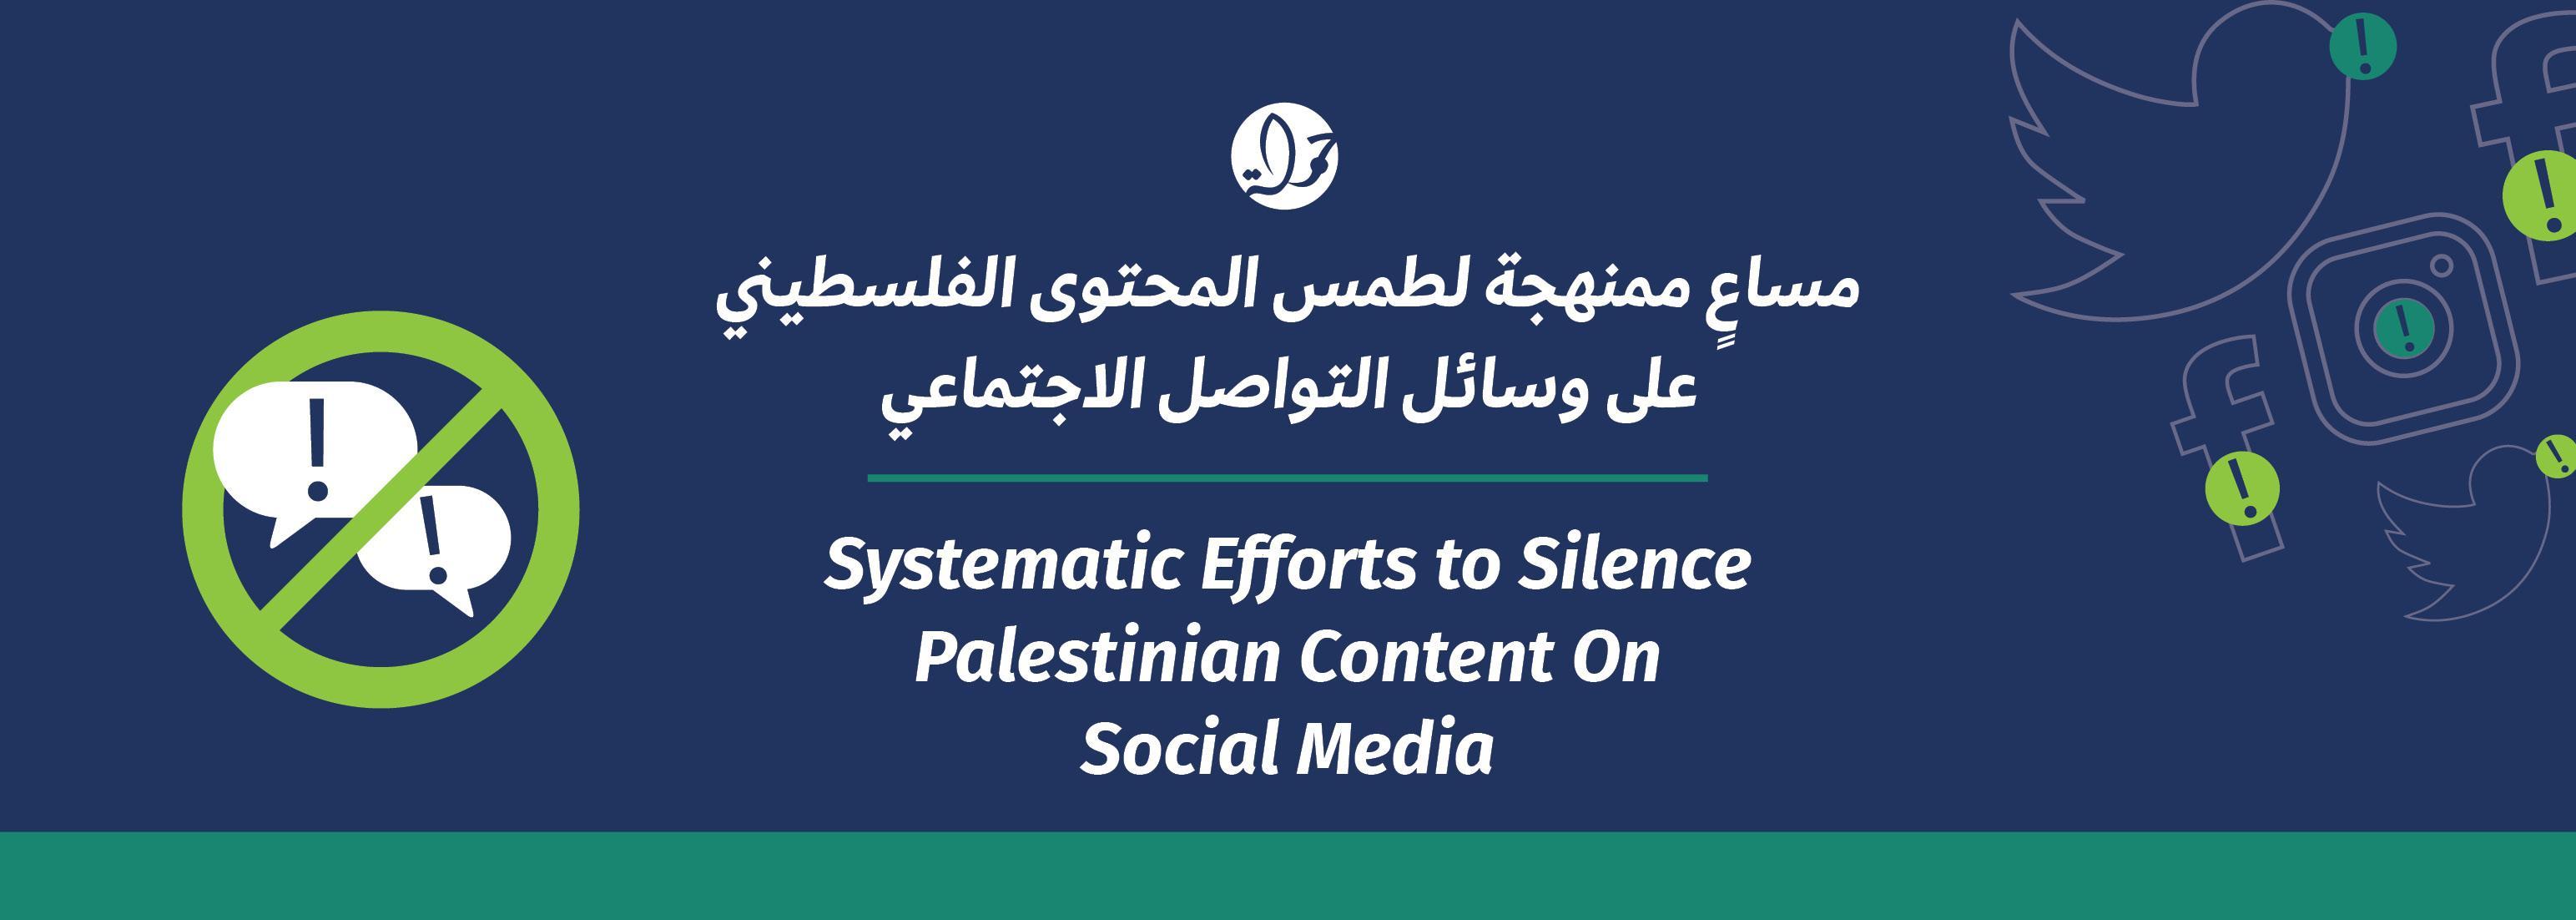 مساعٍ ممنهجة لطمس المحتوى الفلسطيني على وسائل التواصل الاجتماعي